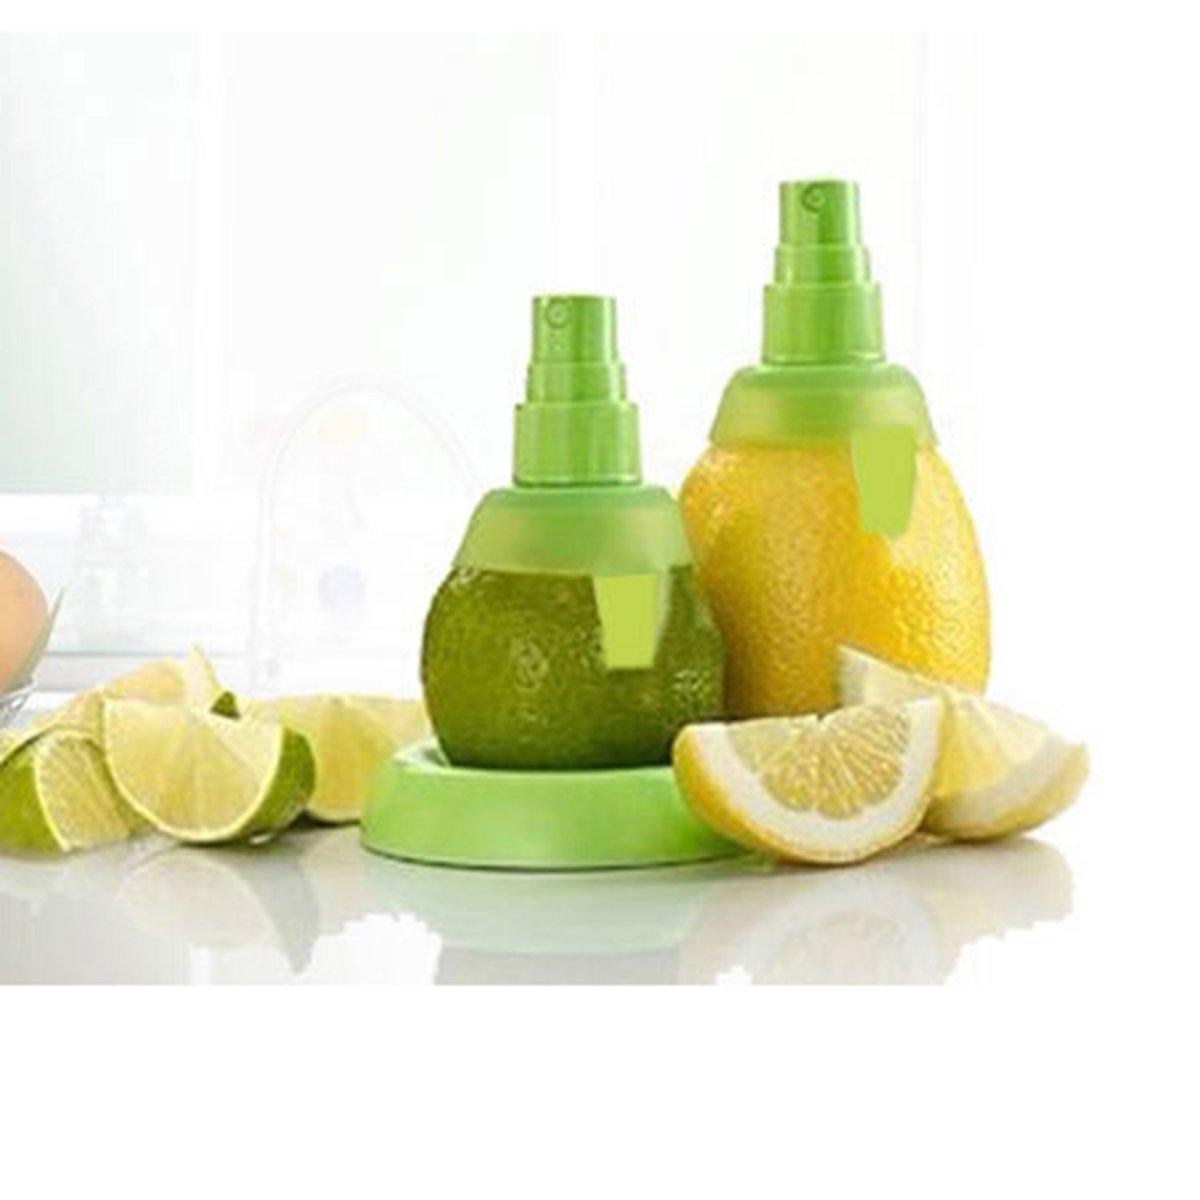 Naisidier 2 Piezas Extractor Pulverizador de Limón Naranja Exprimidor Manual Spray de Jugo Zumo